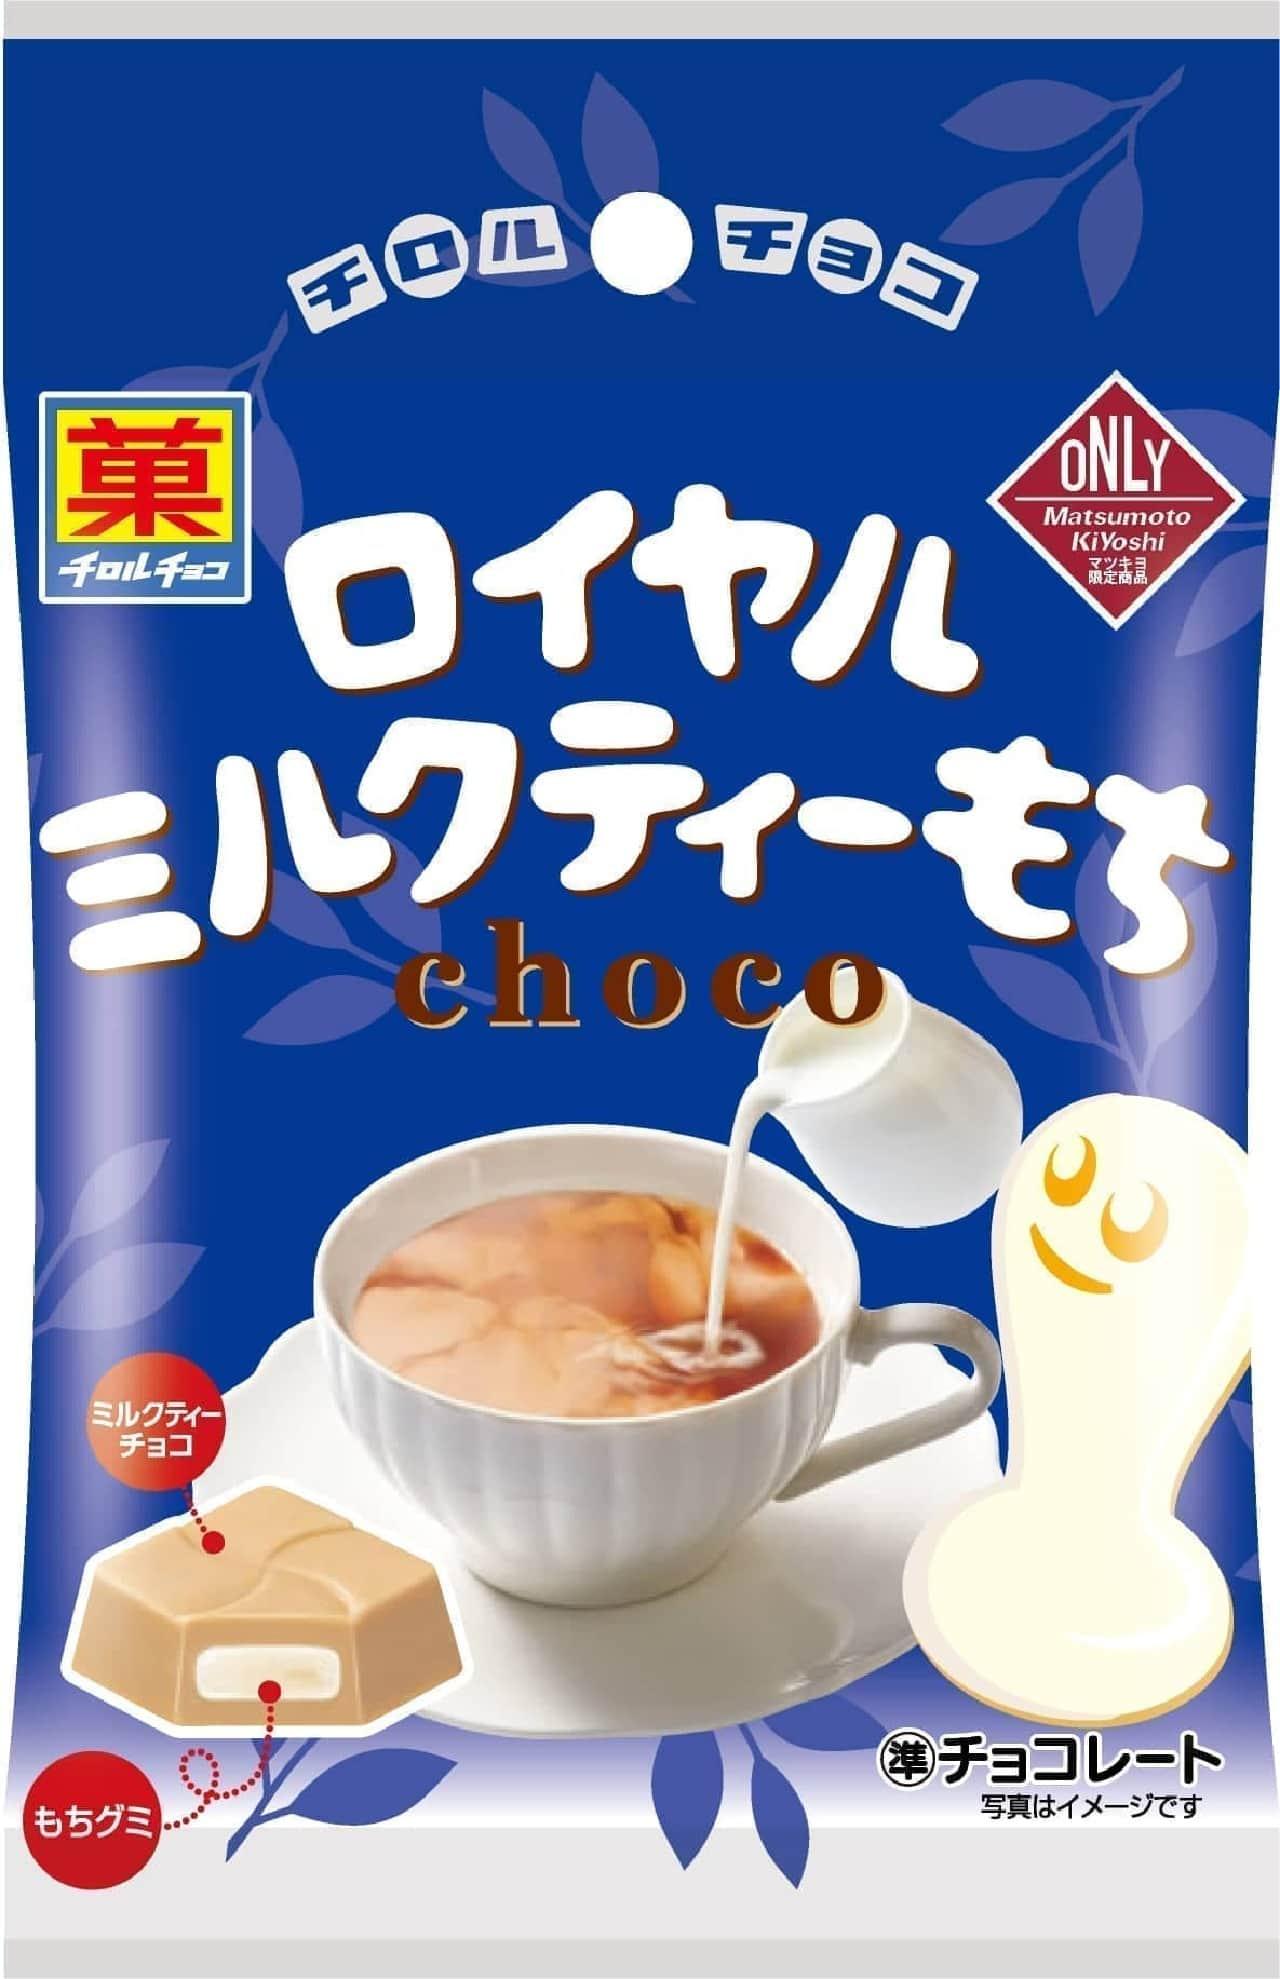 チロルチョコの新商品「ロイヤルミルクティーもち〈袋〉」